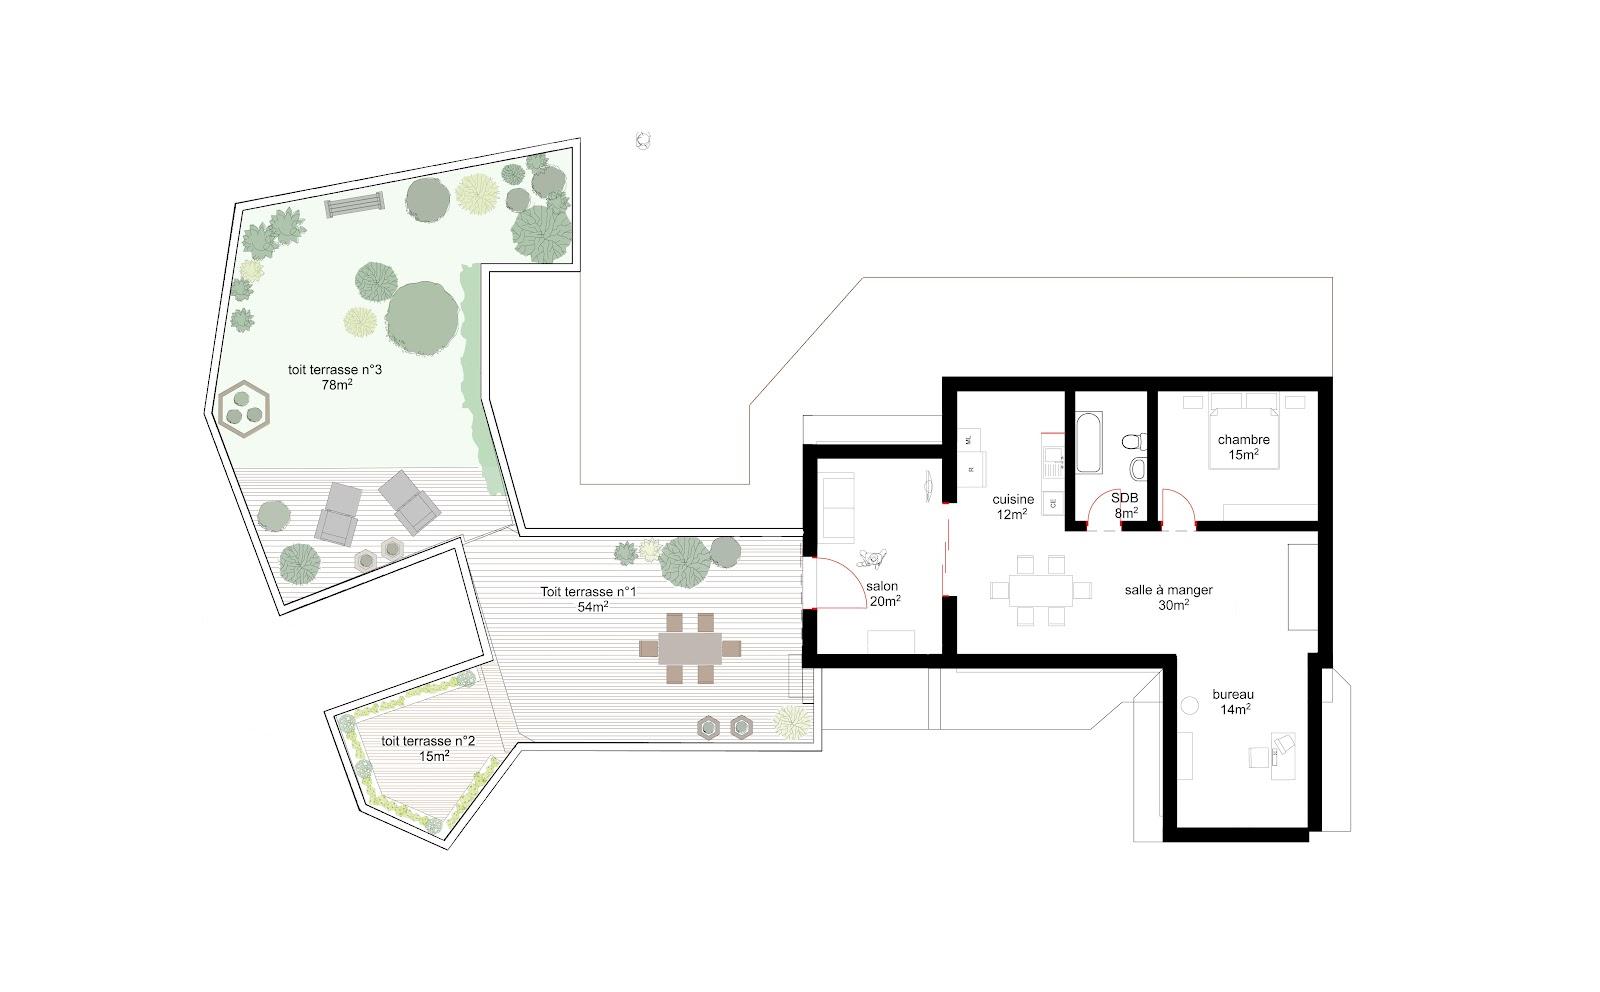 vezin le coquet extention de maison marie courtin. Black Bedroom Furniture Sets. Home Design Ideas